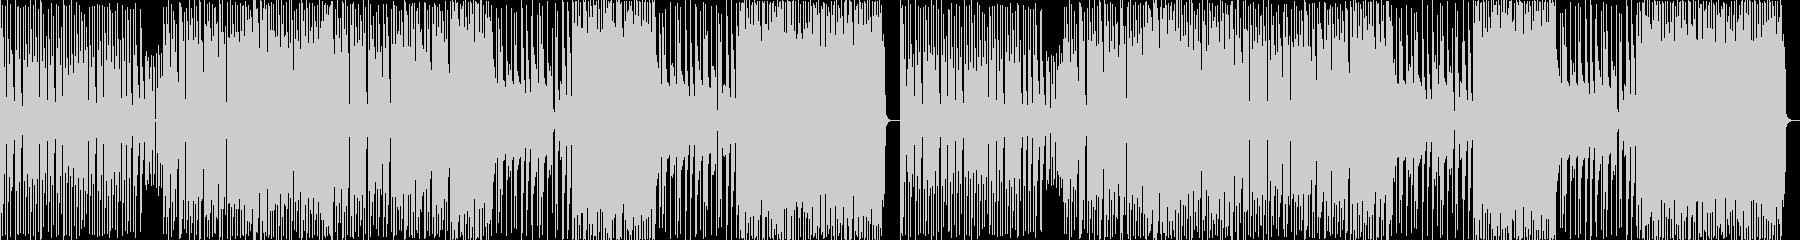 初期ファミコン8bitサウンド【ループ】の未再生の波形